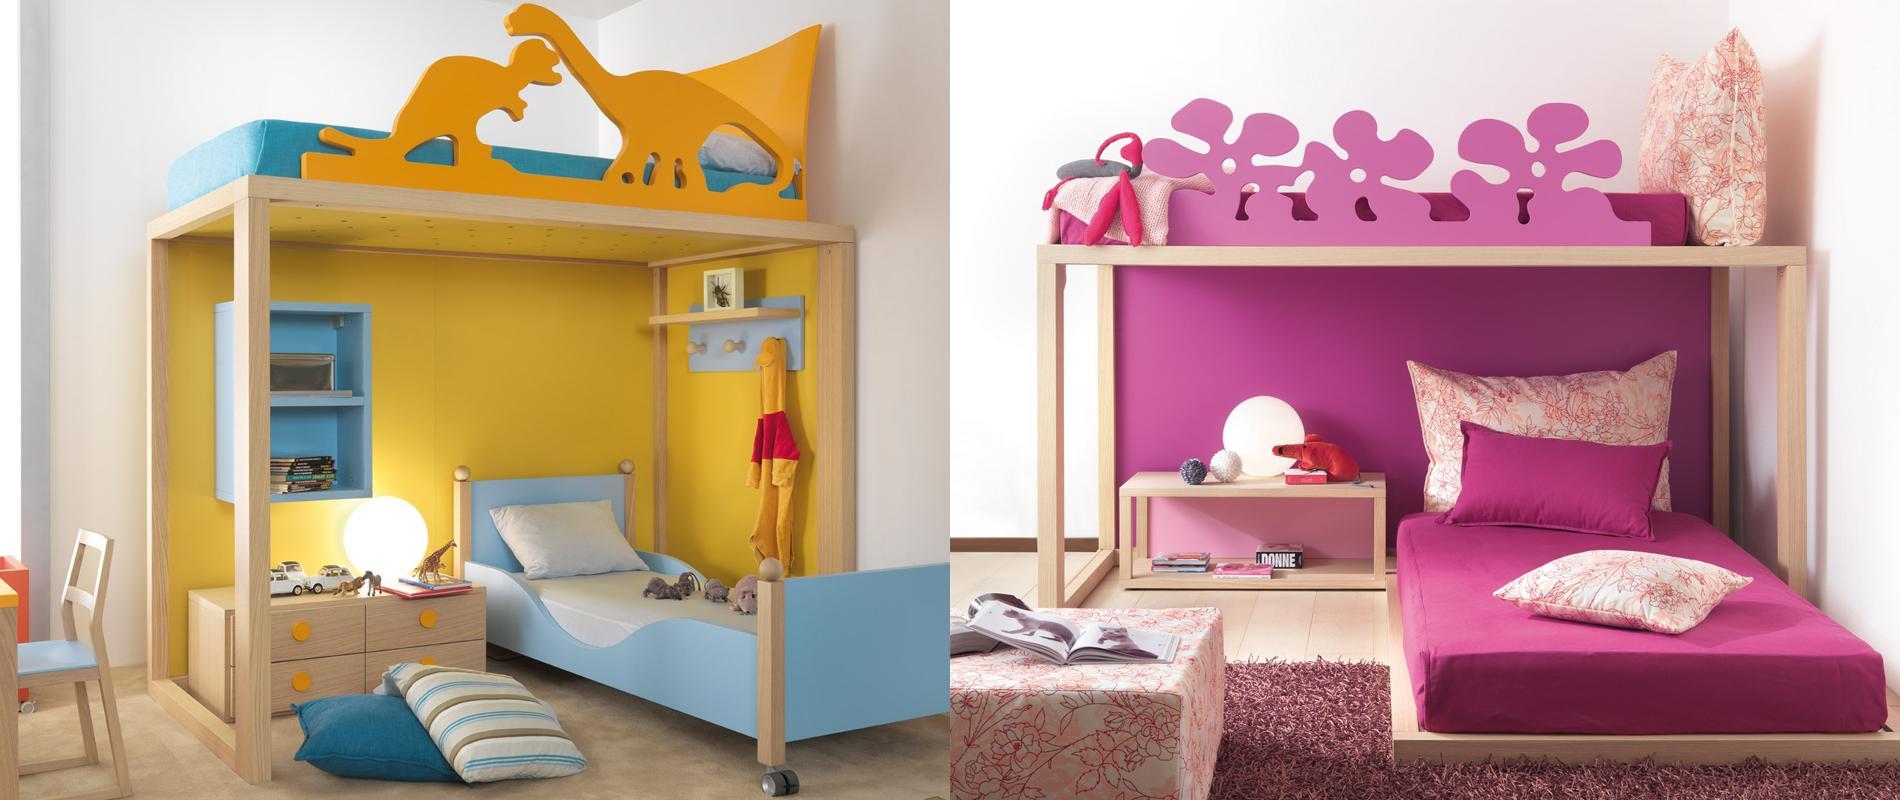 le - Saparer Une Chambre En Deux Pour Enfant